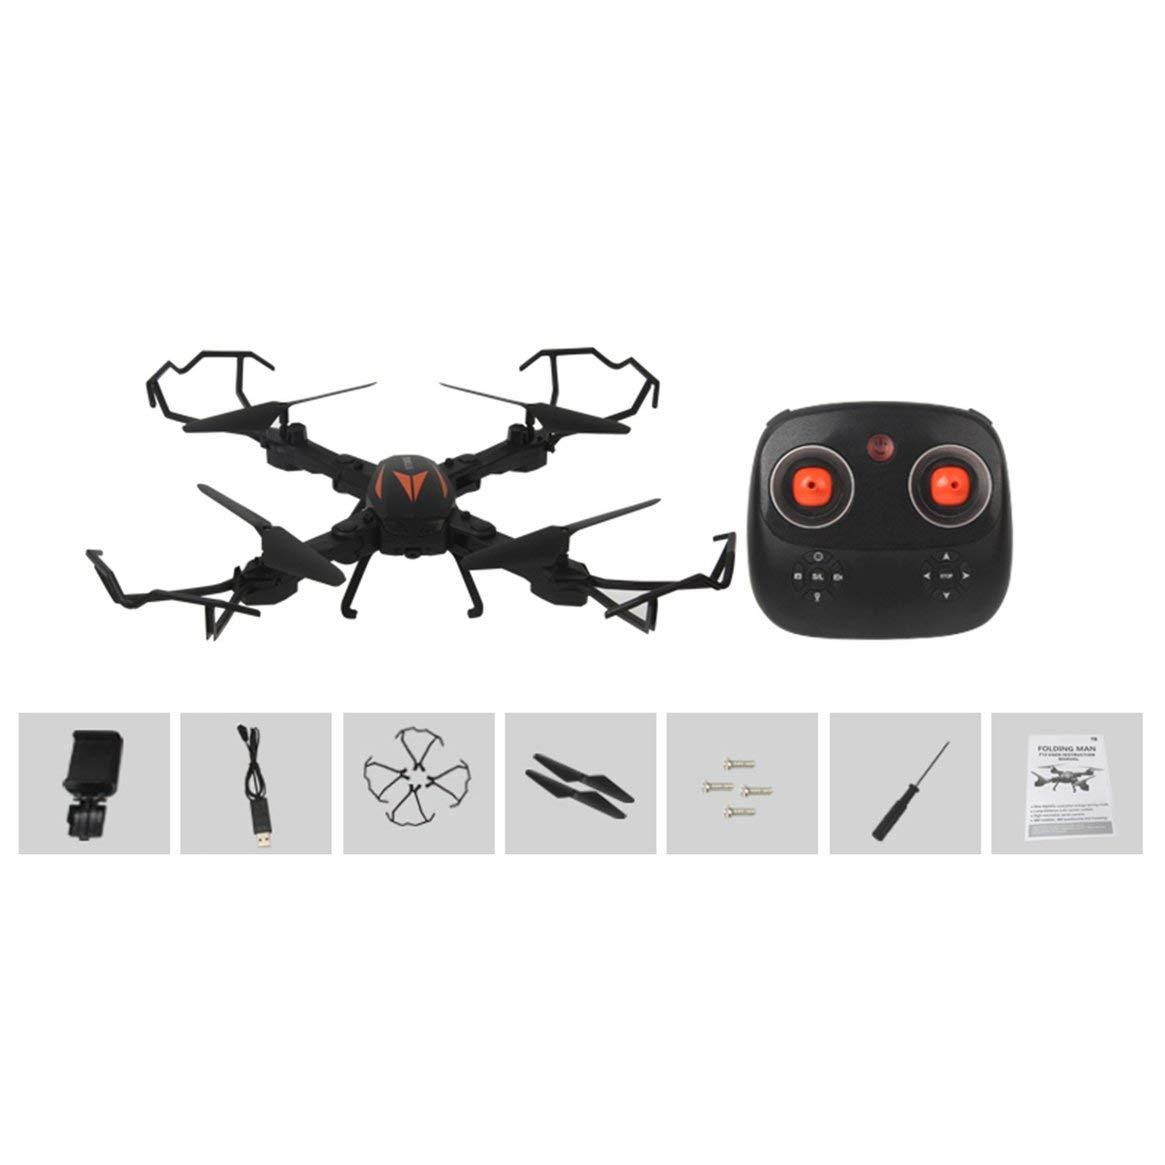 Delicacydex F12W Mini Selfie RC Faltbare Quadrocopter-Drohne mit WiFi FPV-Drohne 720P einstellbare Kamera Höhe Halten Sie eine Taste Return RTF - Schwarz-Orange